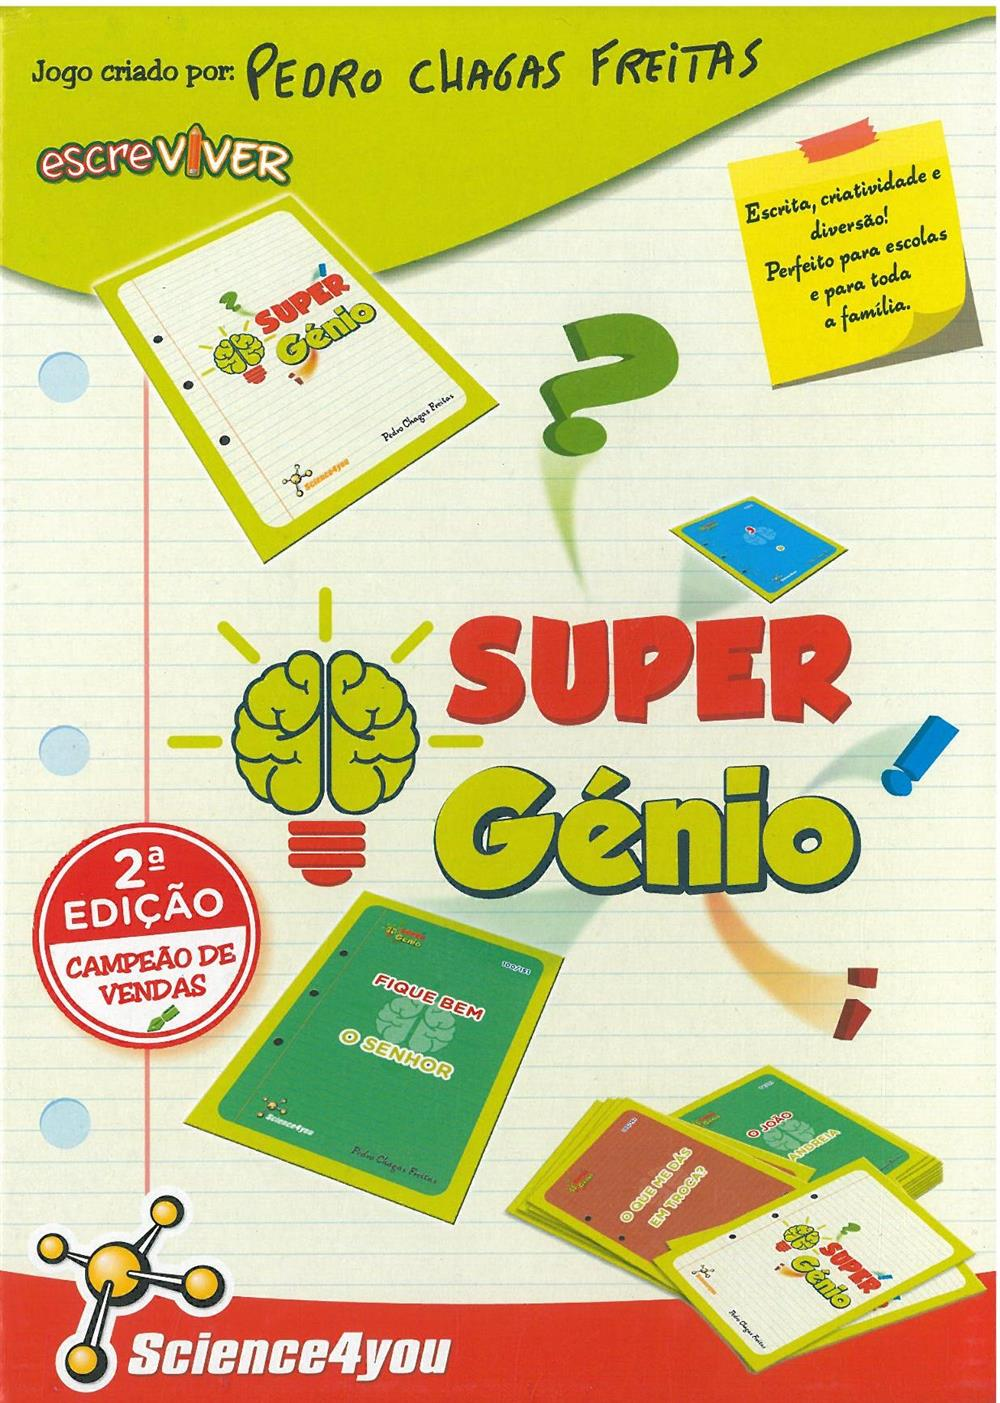 Super génio_jogos.jpg